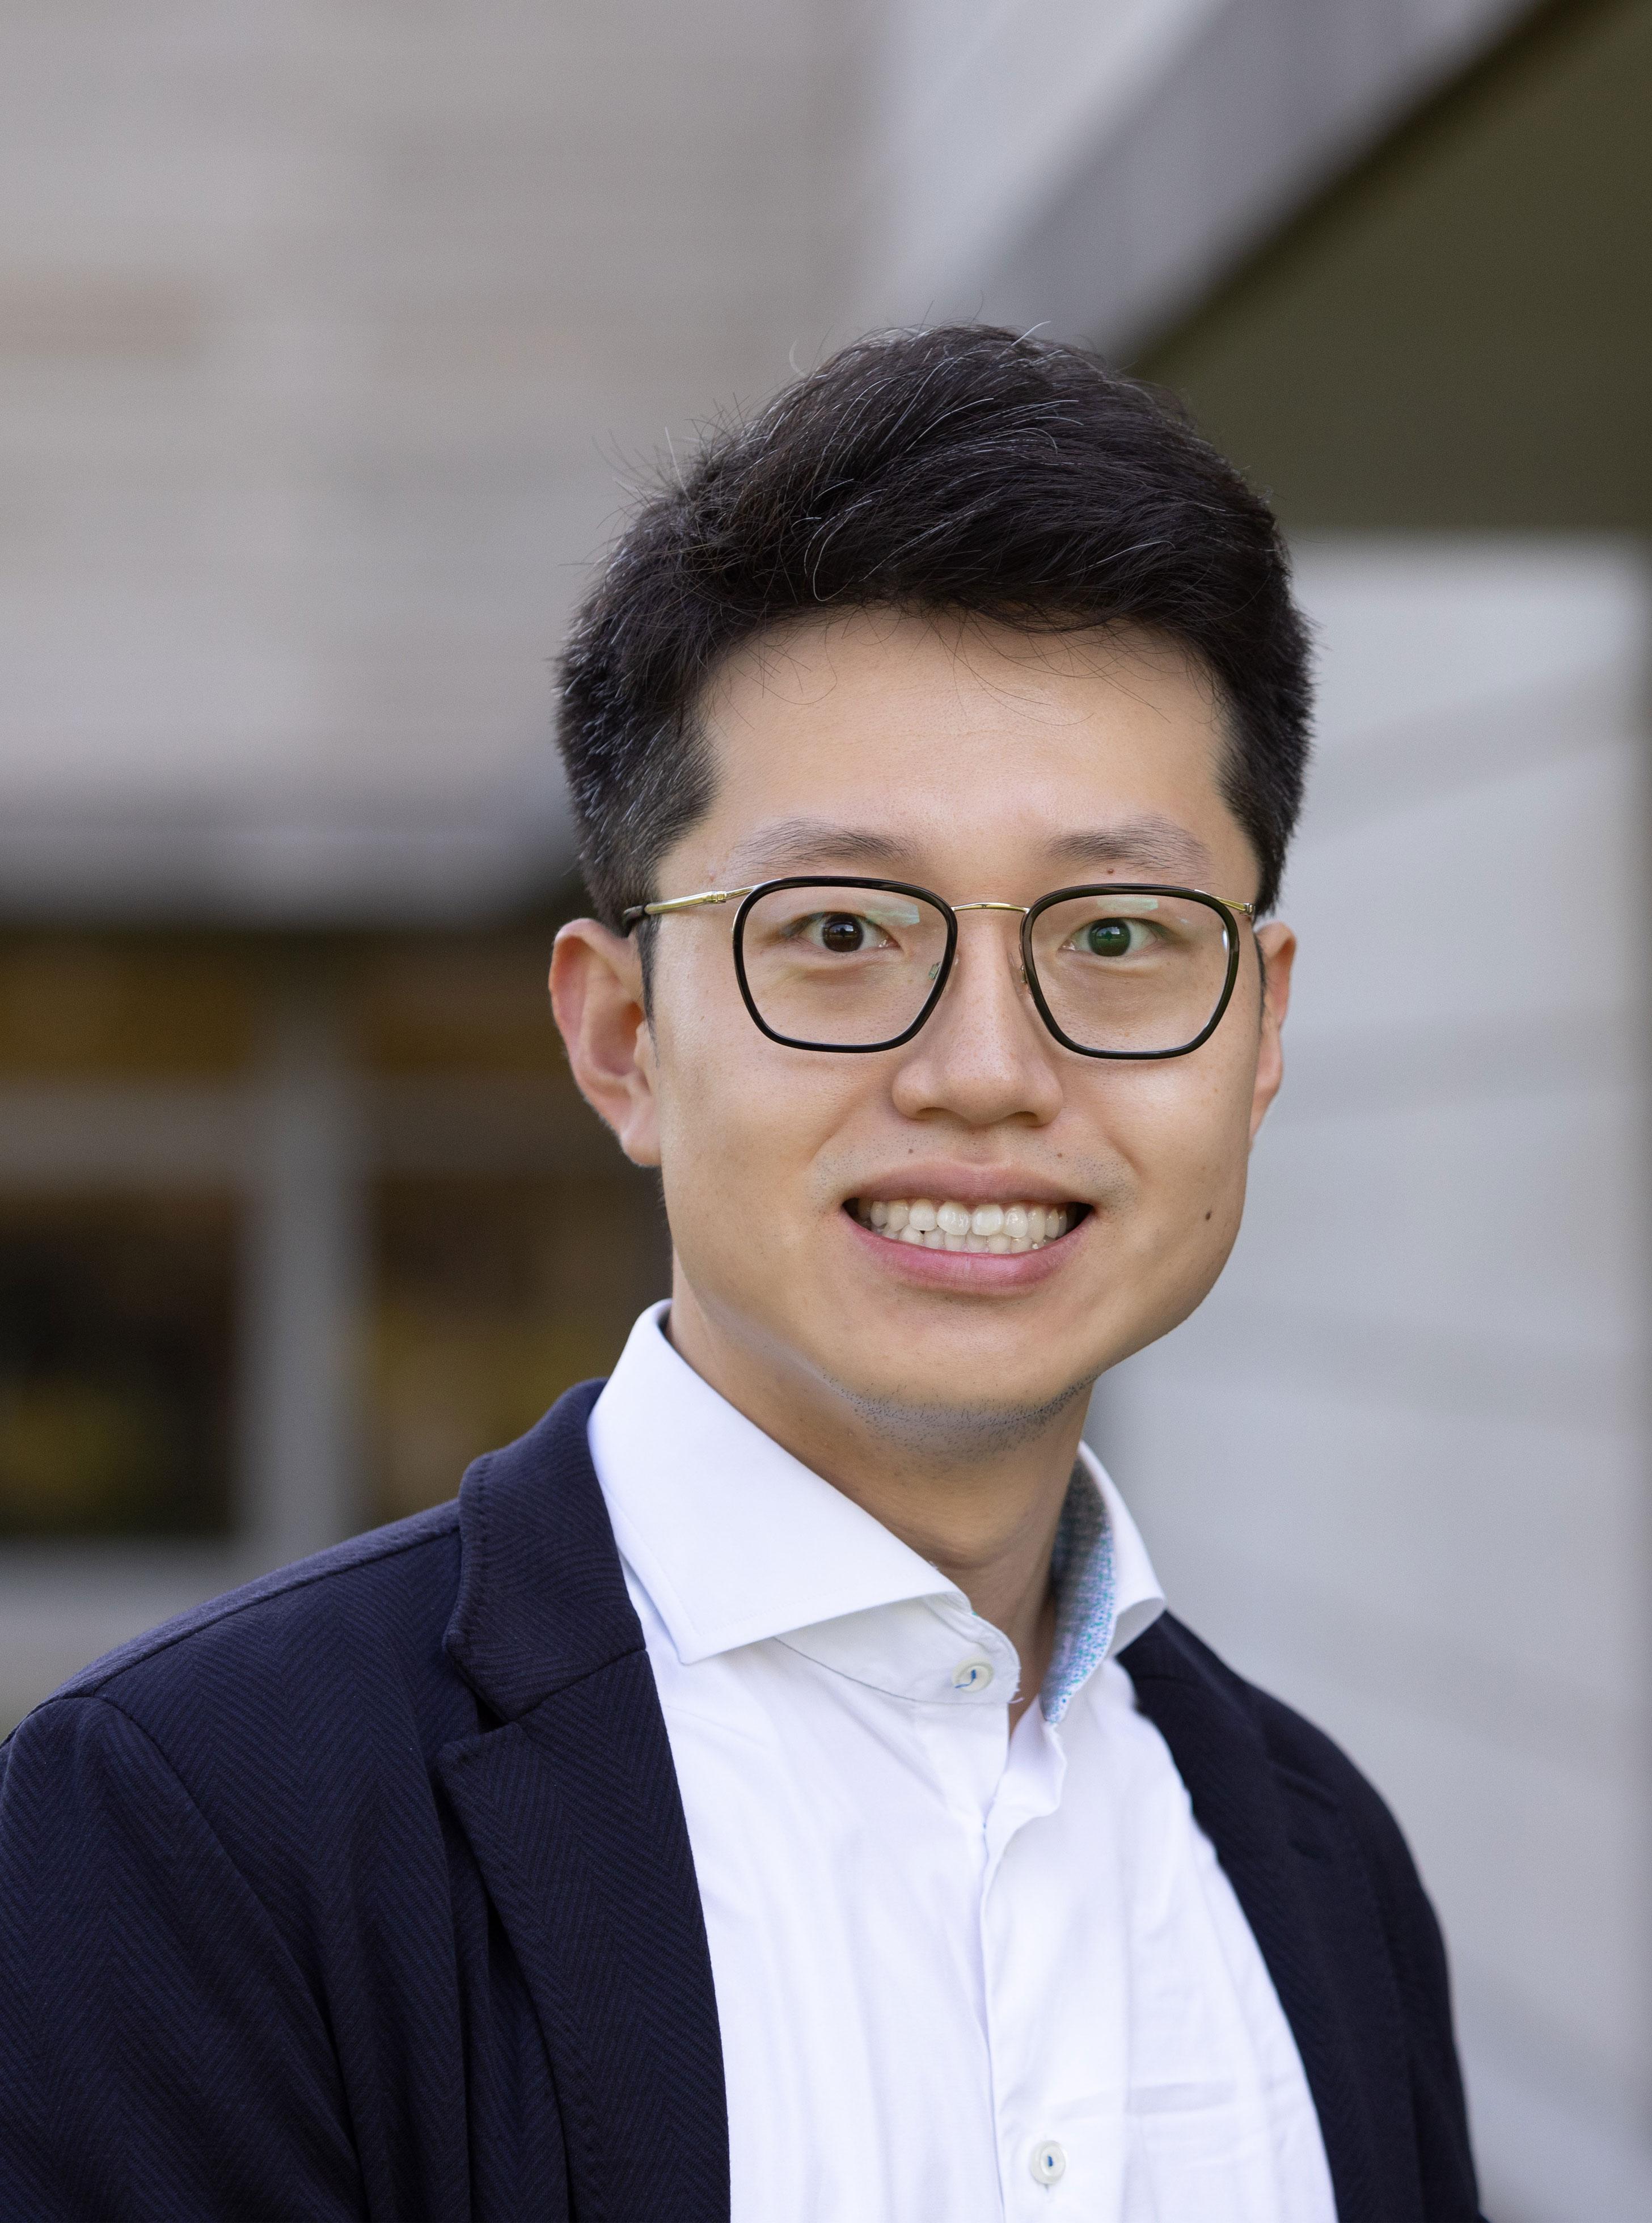 Tengyuan Liang